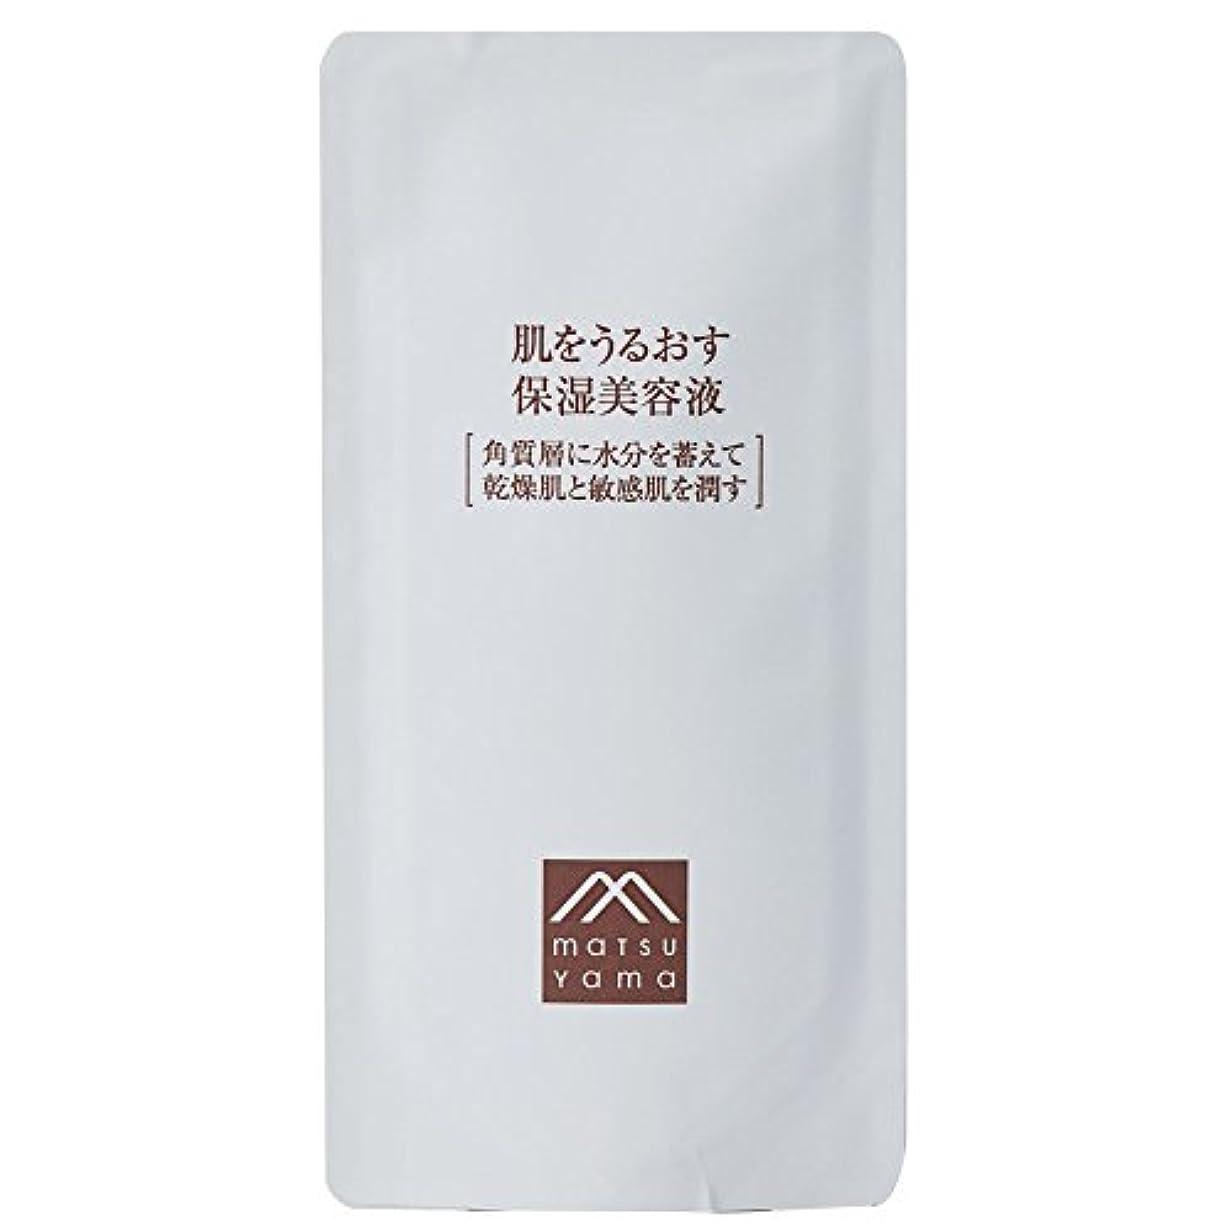 海外保護ゆるく肌をうるおす保湿美容液 詰替用(美容液) [乾燥肌 敏感肌]